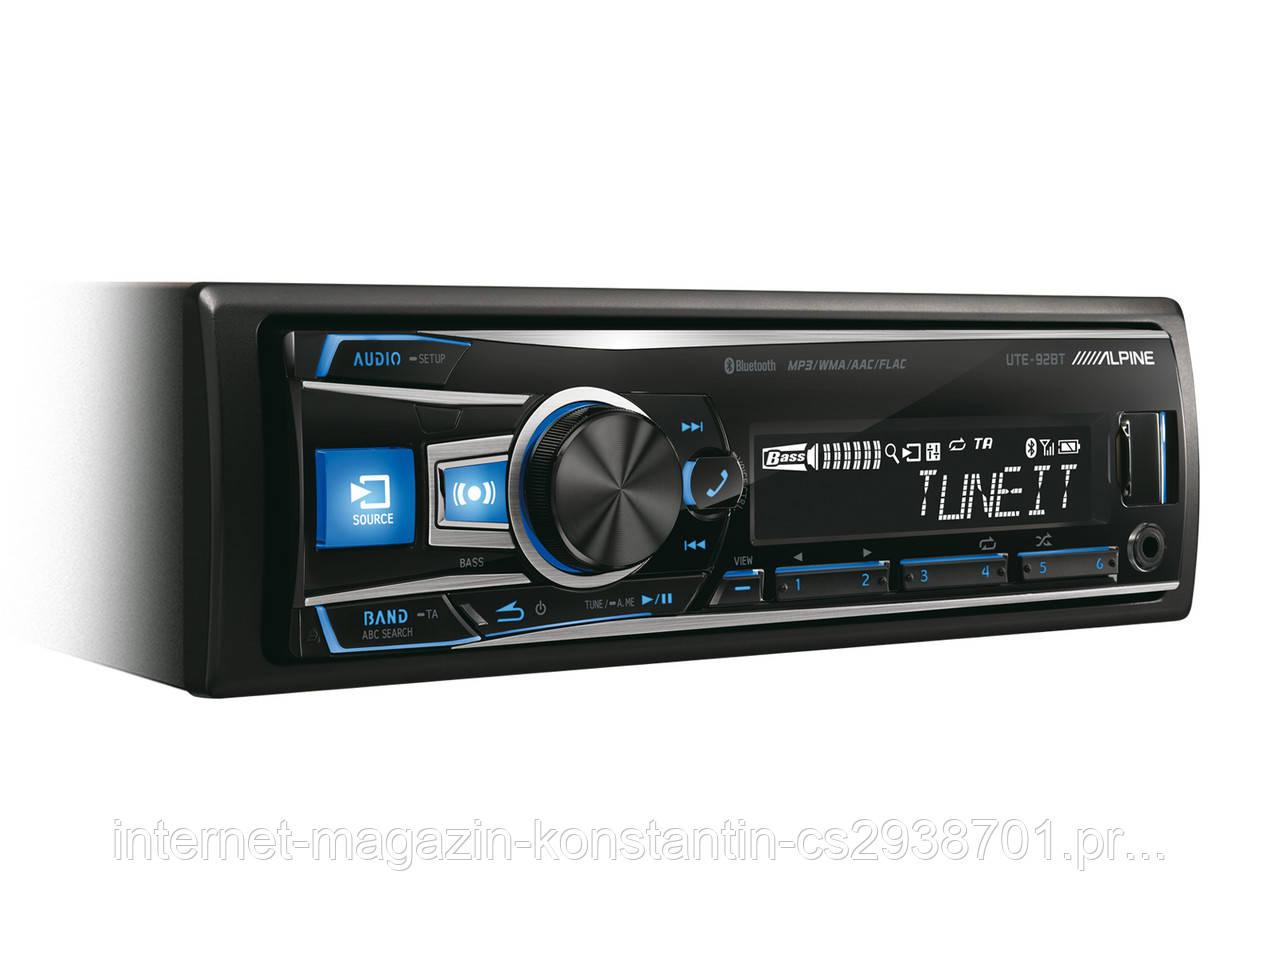 Автомагнітола Alpine UTE-92BT 4*50 Вт,USB,MP3,Bt,FM.Супер ціна!!!